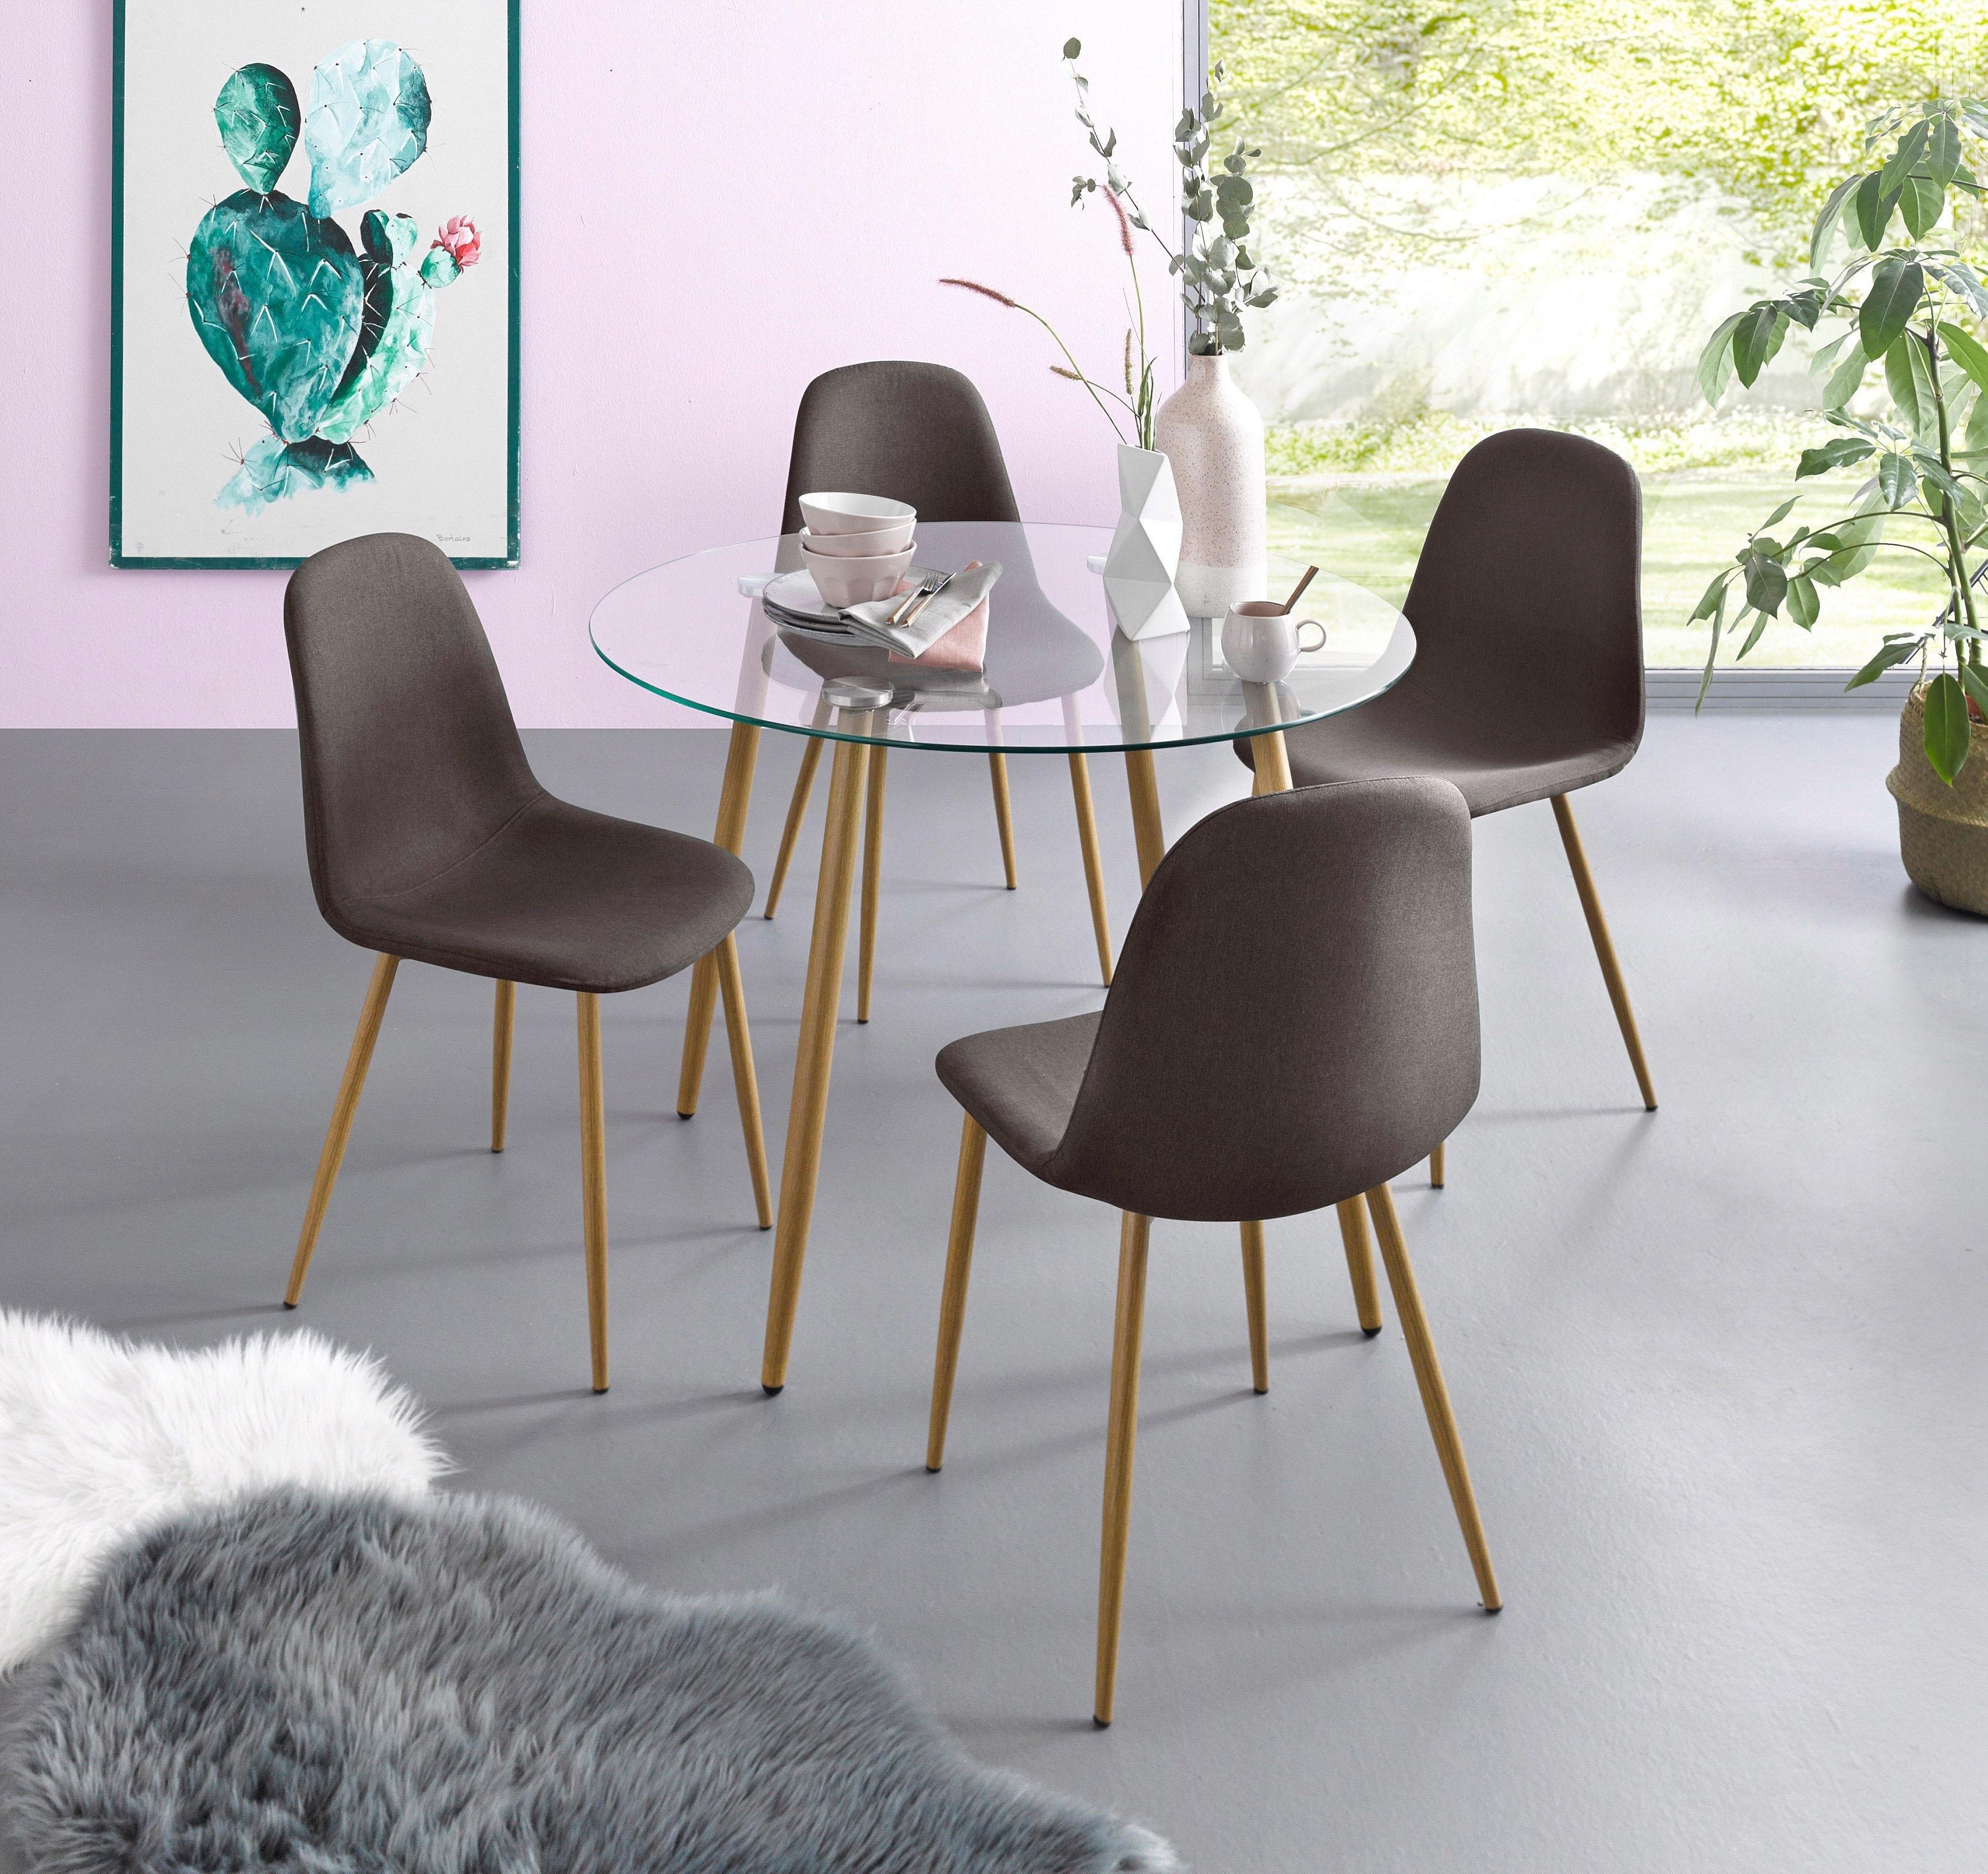 Verbazingwekkend Eethoek, ronde glazen tafel met 4 stoelen (weefstof) in de online EZ-36